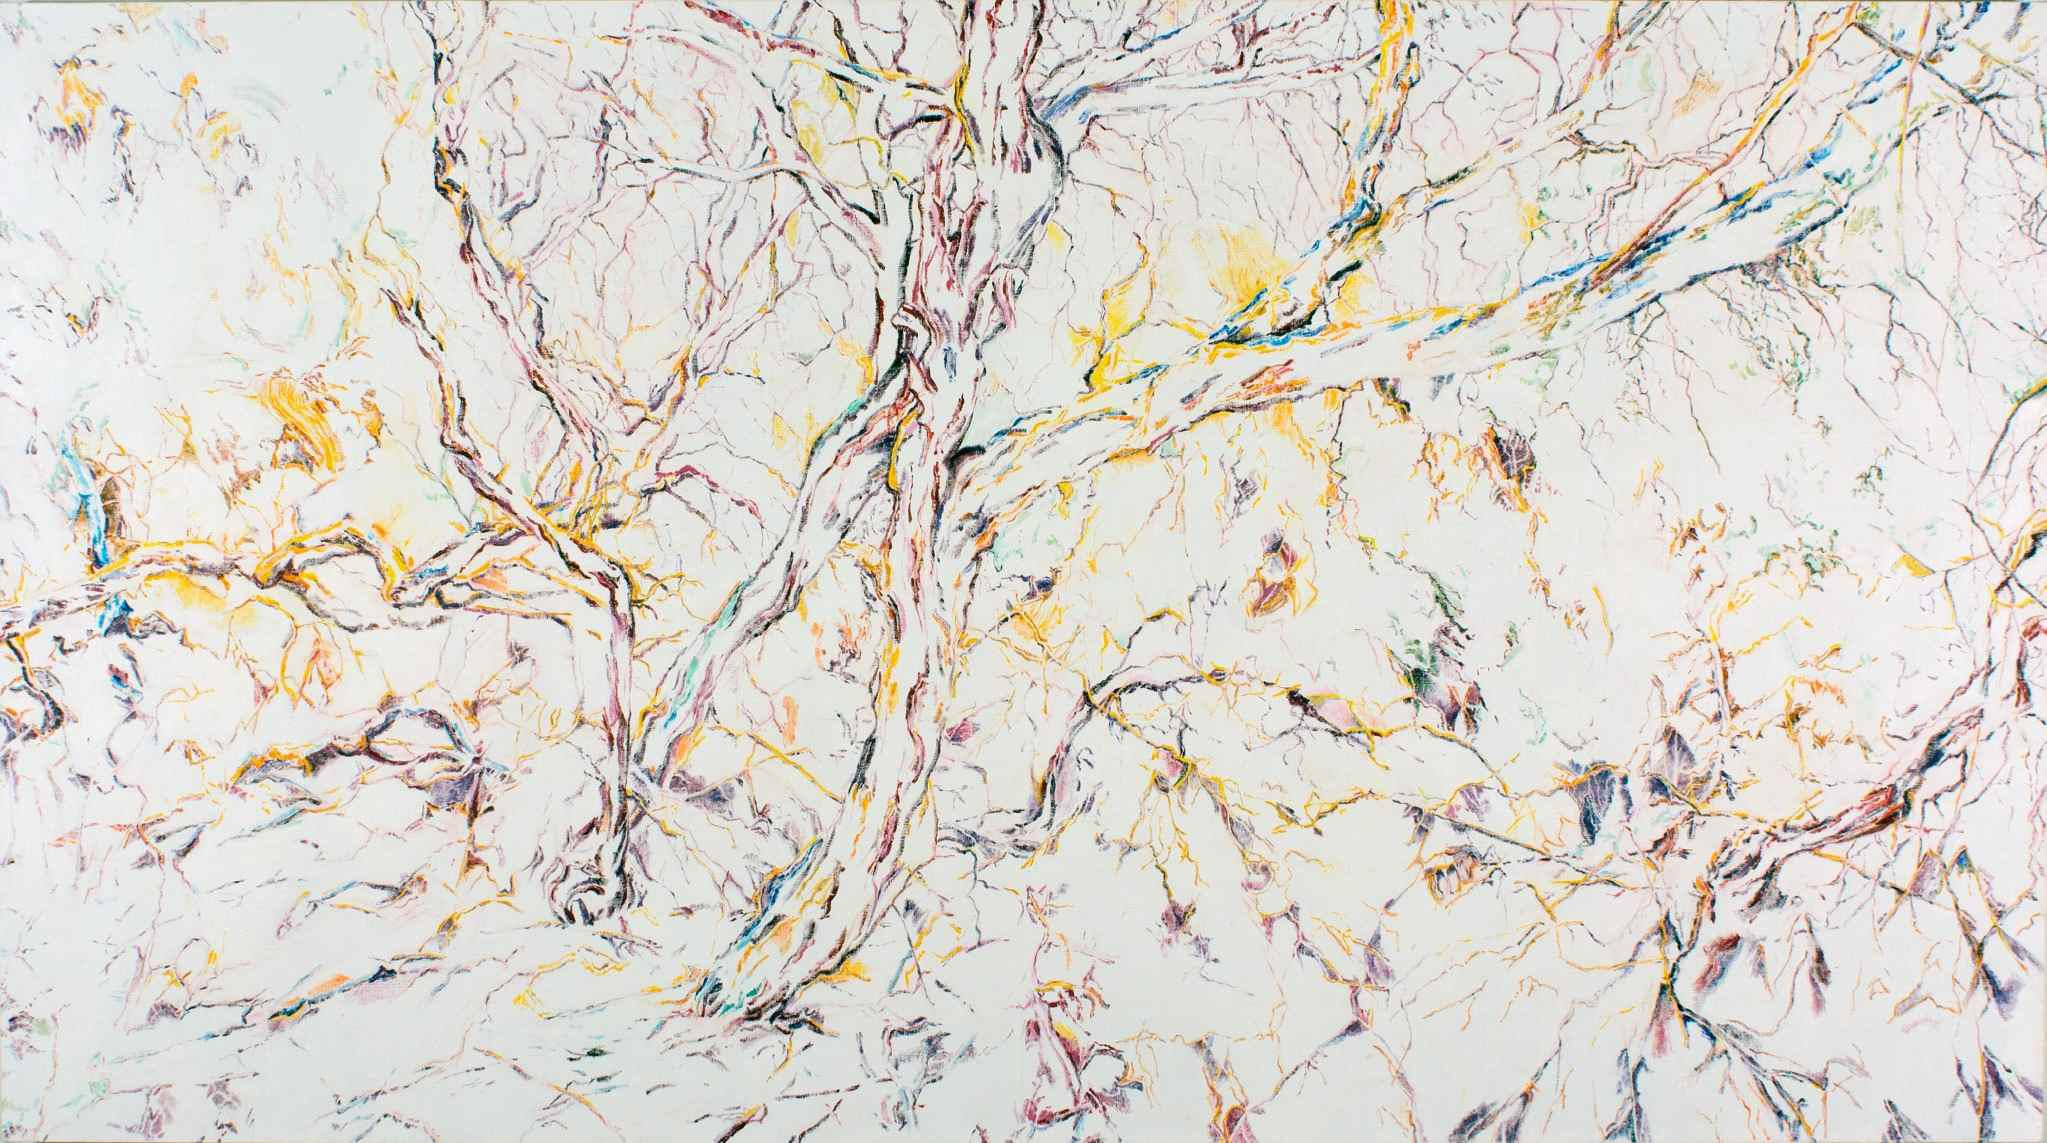 Stewart Goldman, Daphne's Woods (2013), 42x72, oil on linen